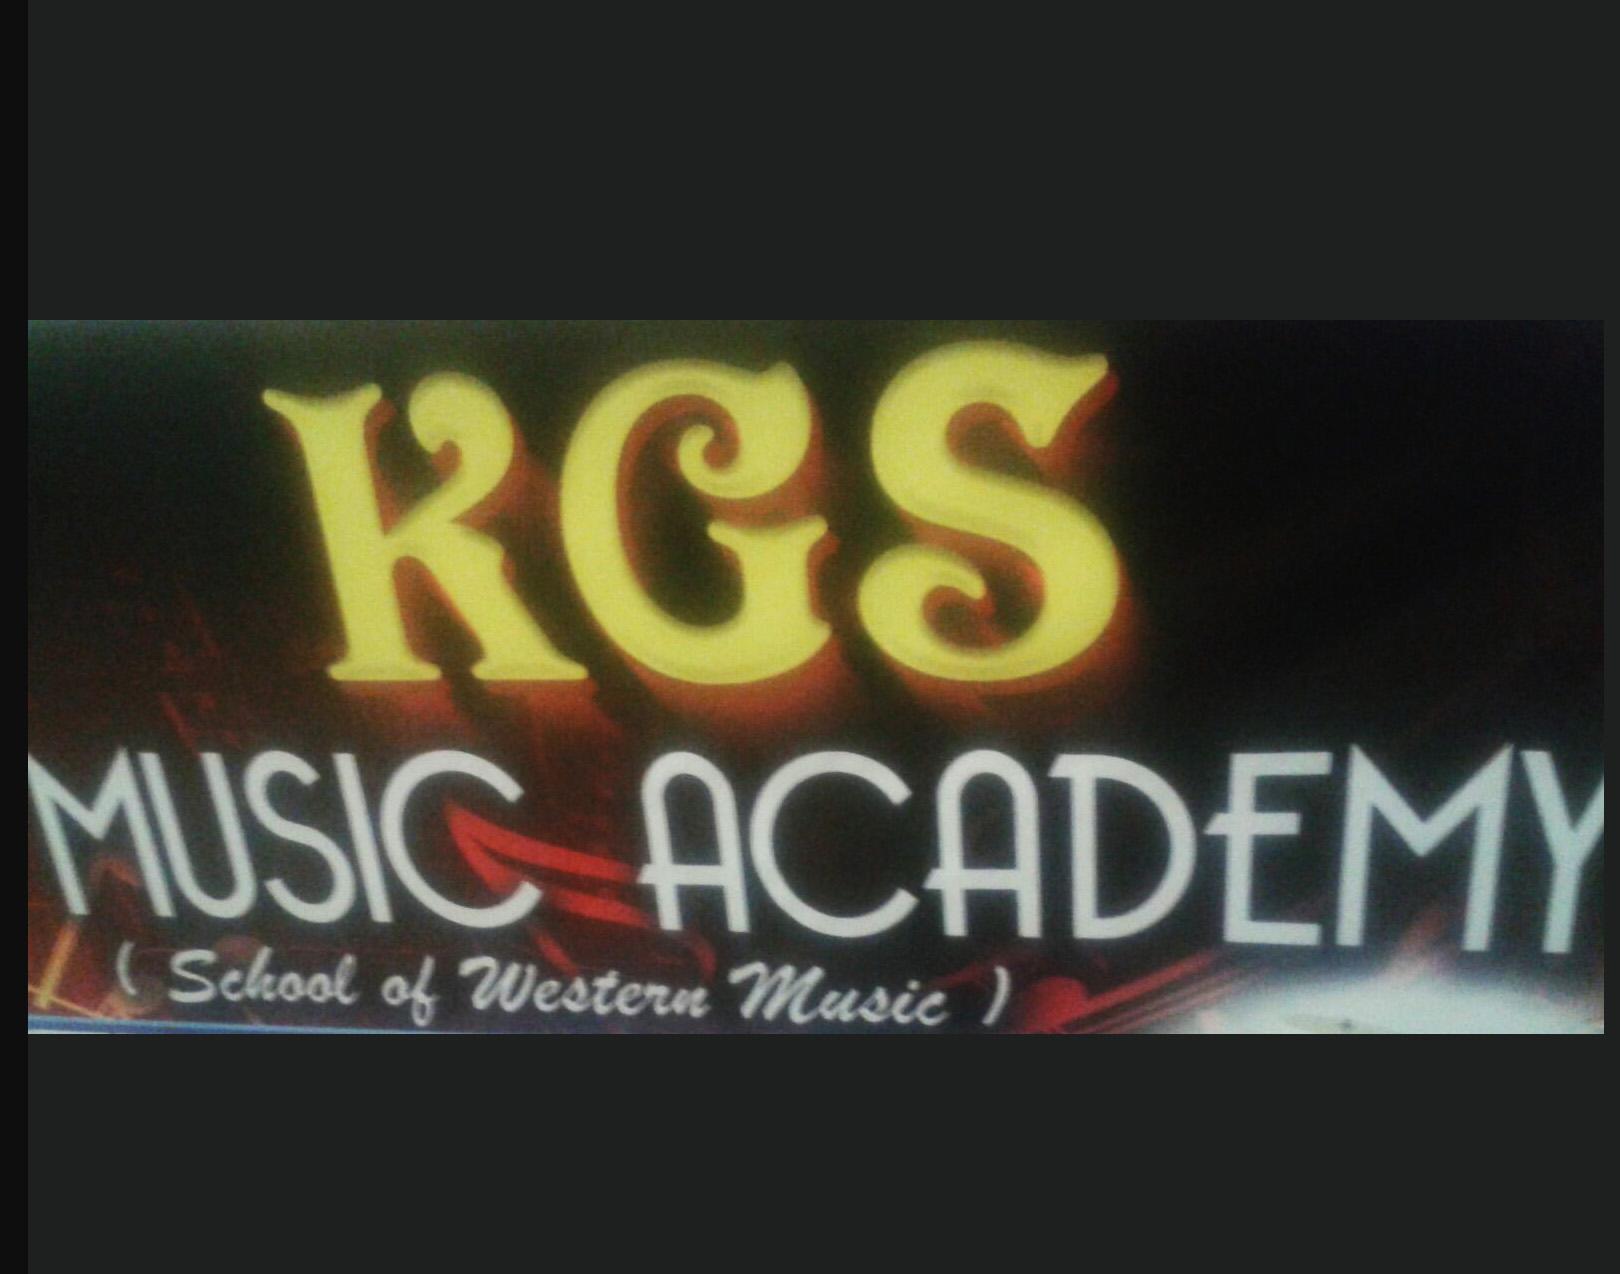 KGS Music Academy, Kgs Music Academy